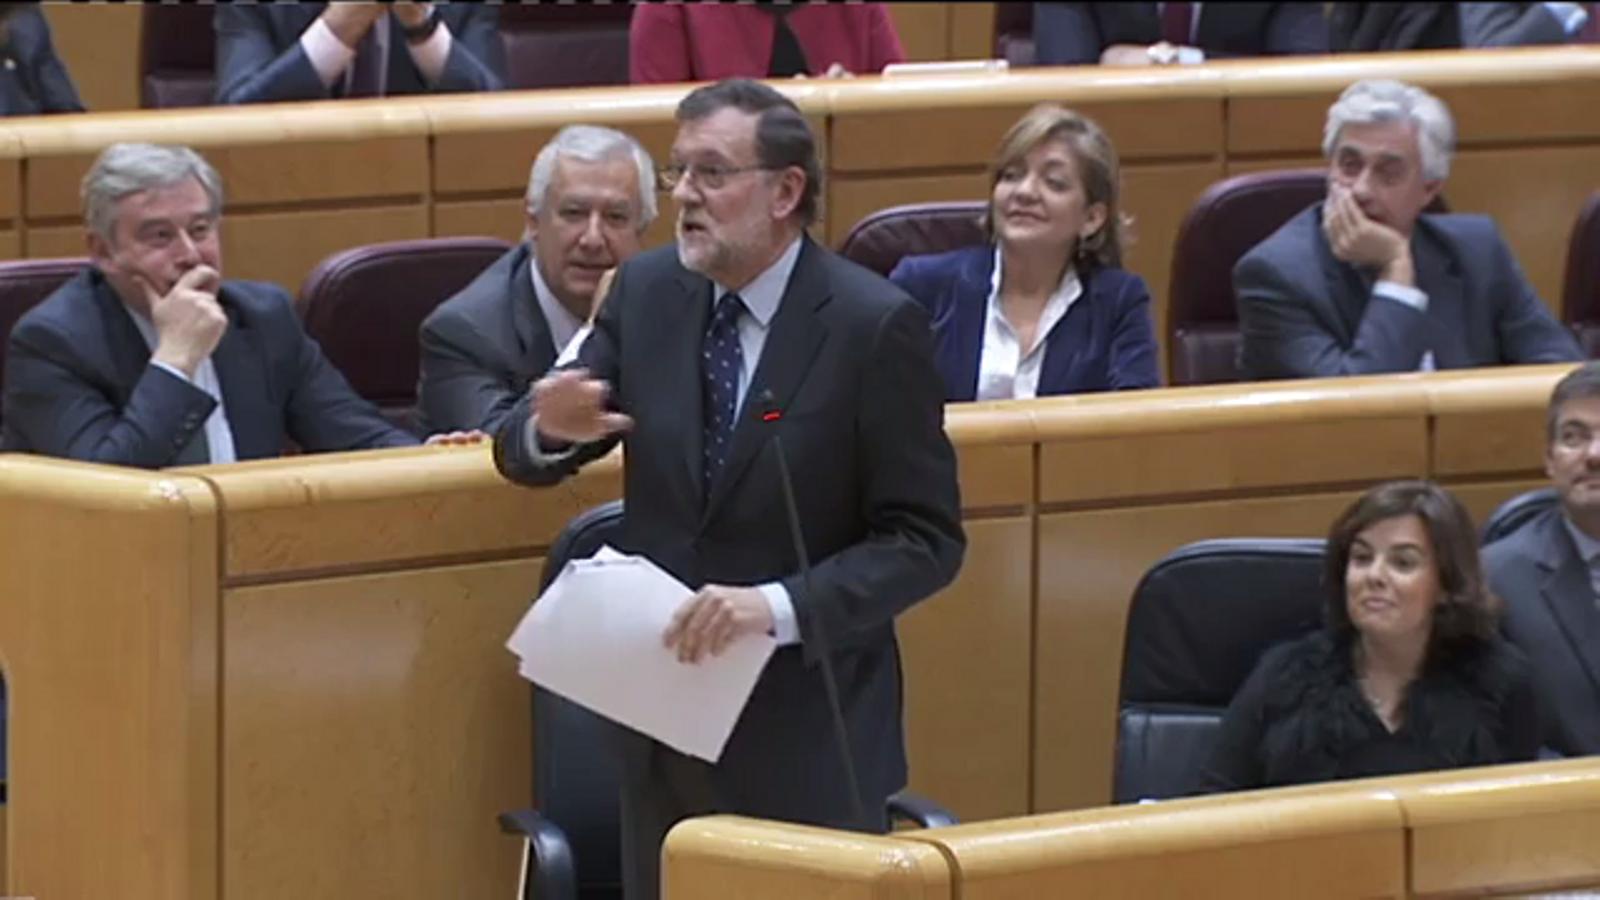 Pregunta de Mirella Cortès (ERC) a Rajoy sobre l'operació Catalunya durant al sessió de control al Senat